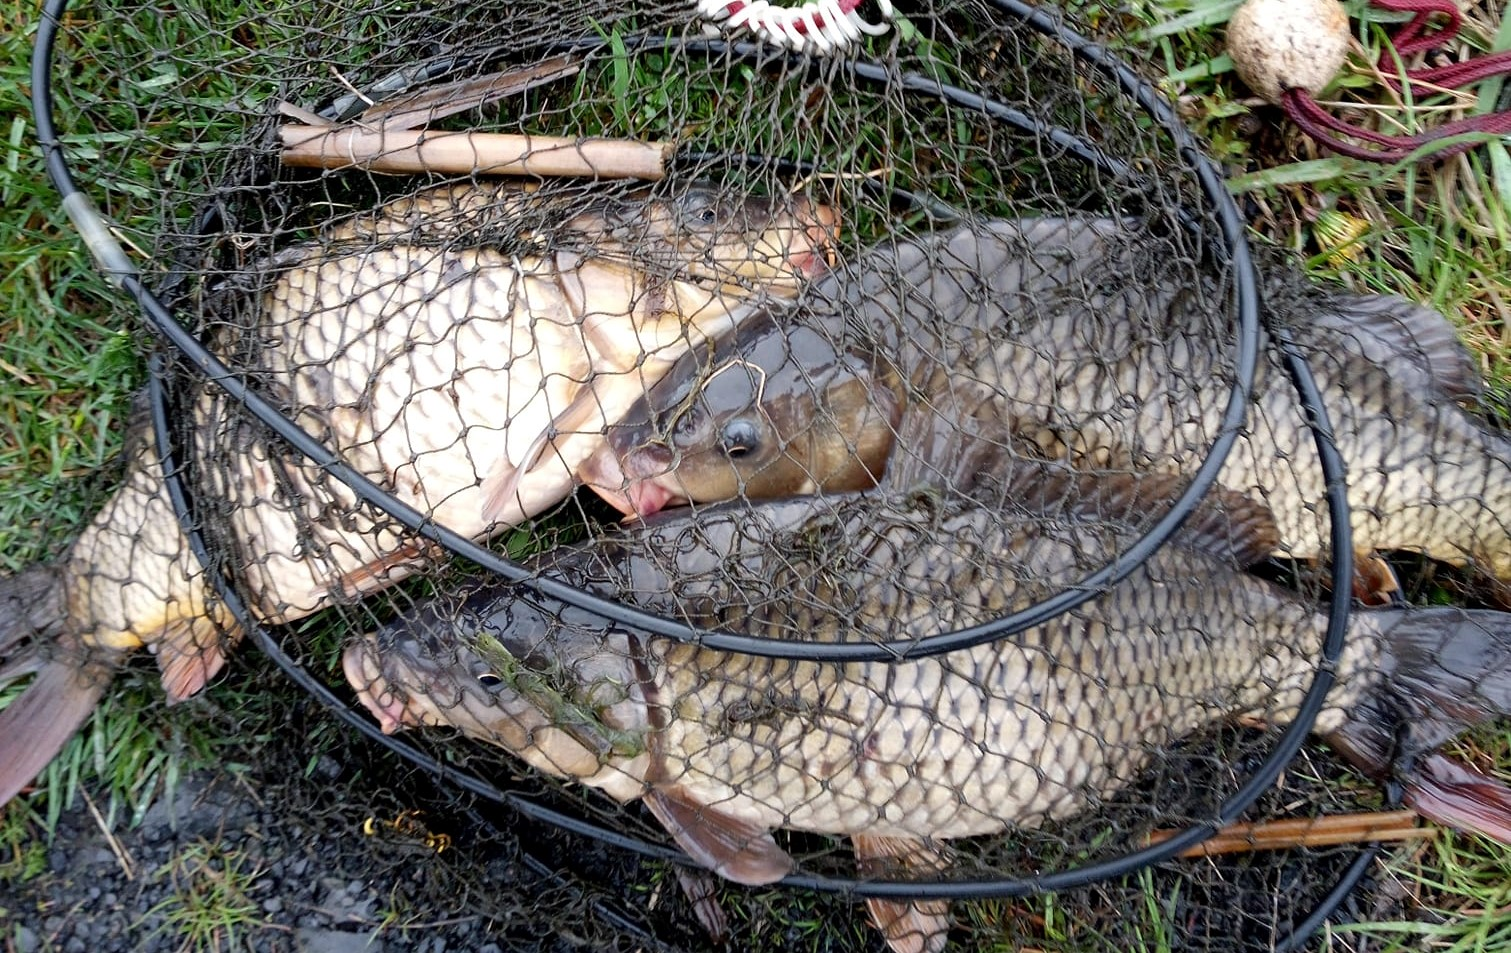 Pytlák měl ve vezírku 3 kapry! Rybář na něj přivolal rybářskou stráž